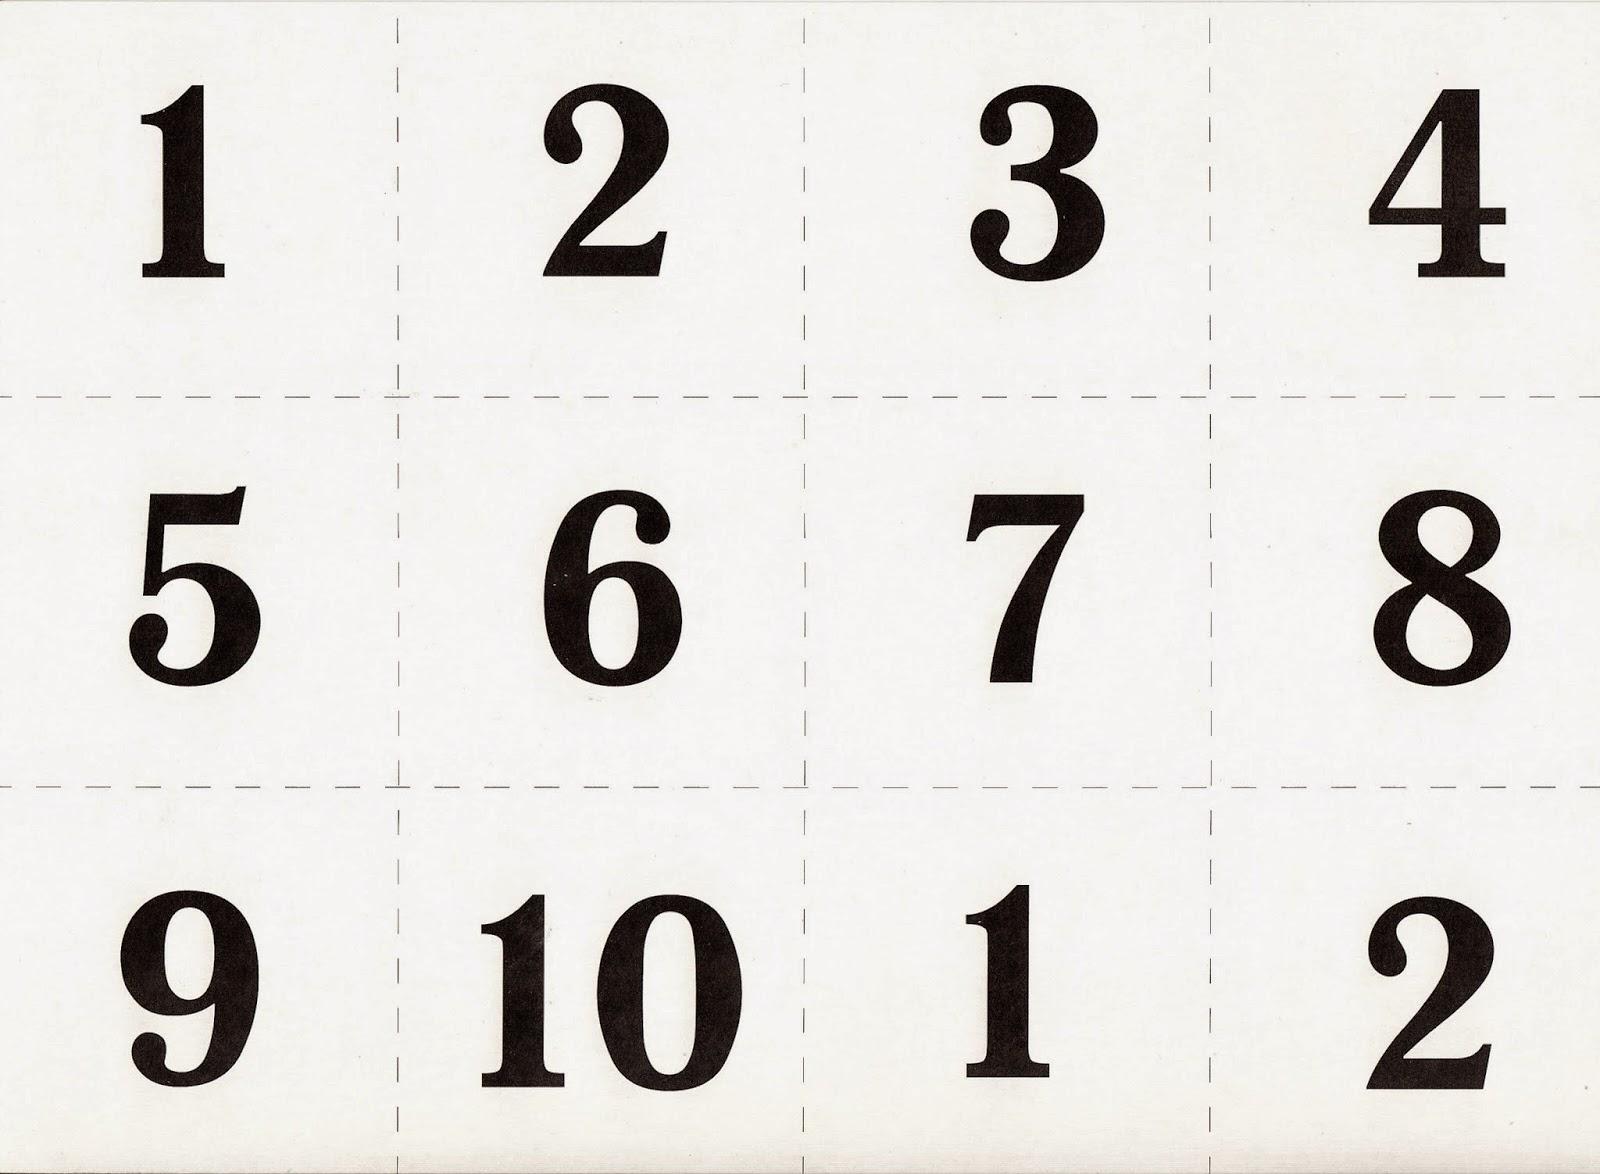 карточки со знаком плюс и минус